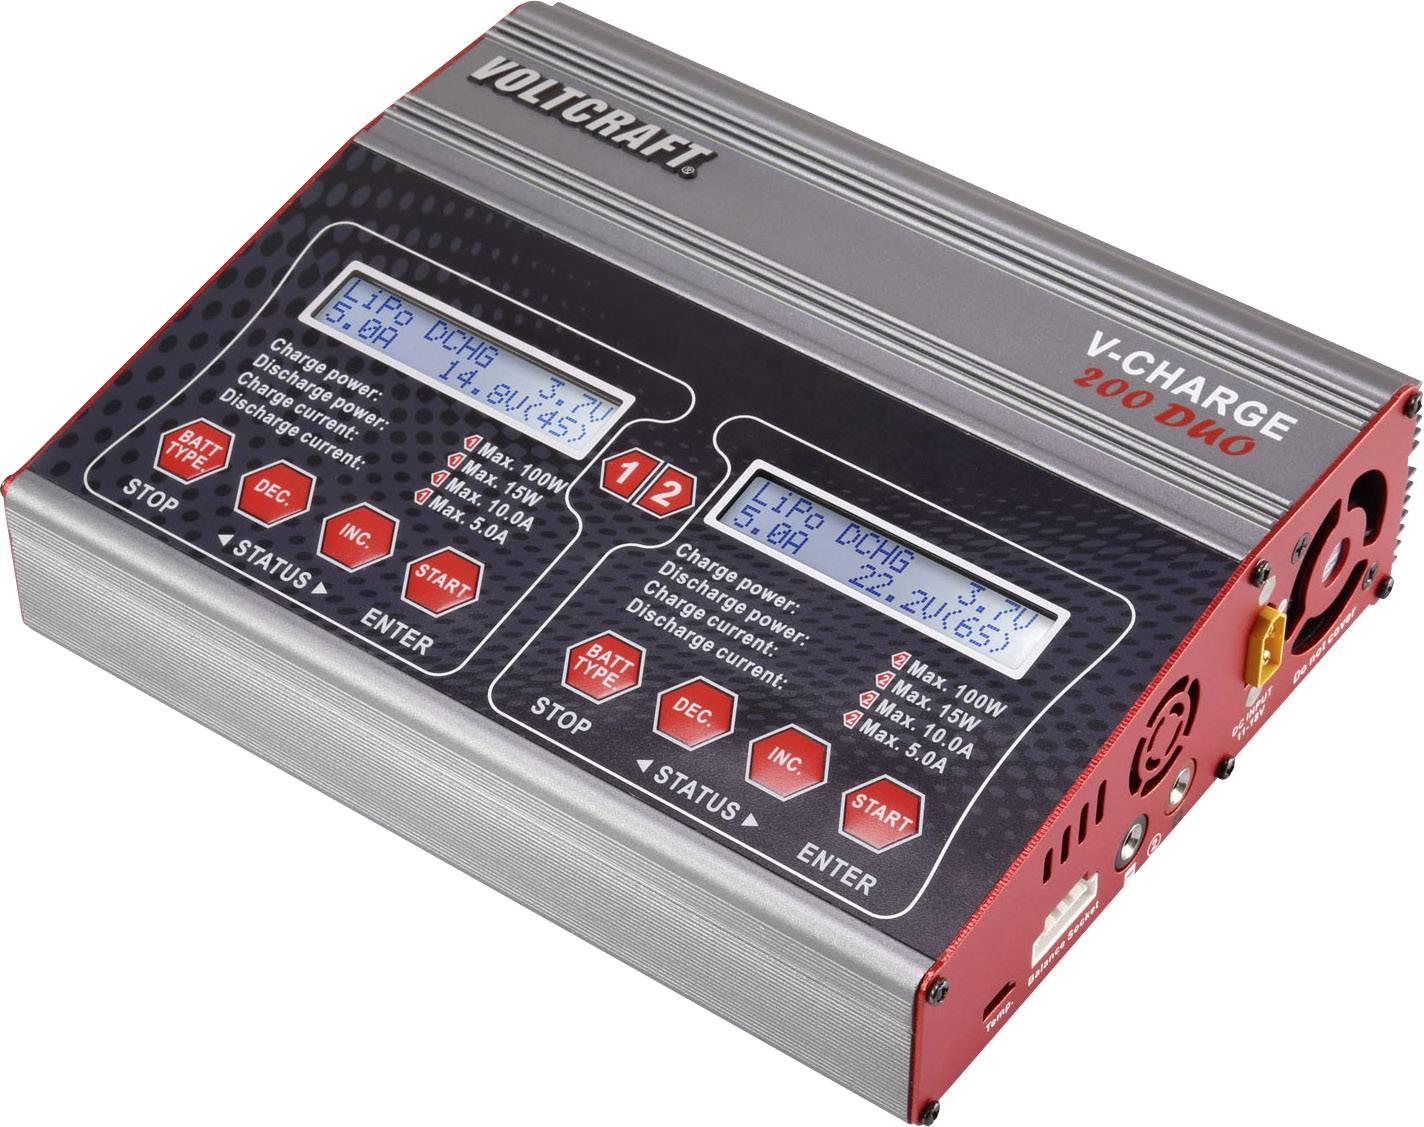 Modelářská multifunkční nabíječka VOLTCRAFT V-Charge 200 Duo 12 V, 230 V, 10 A